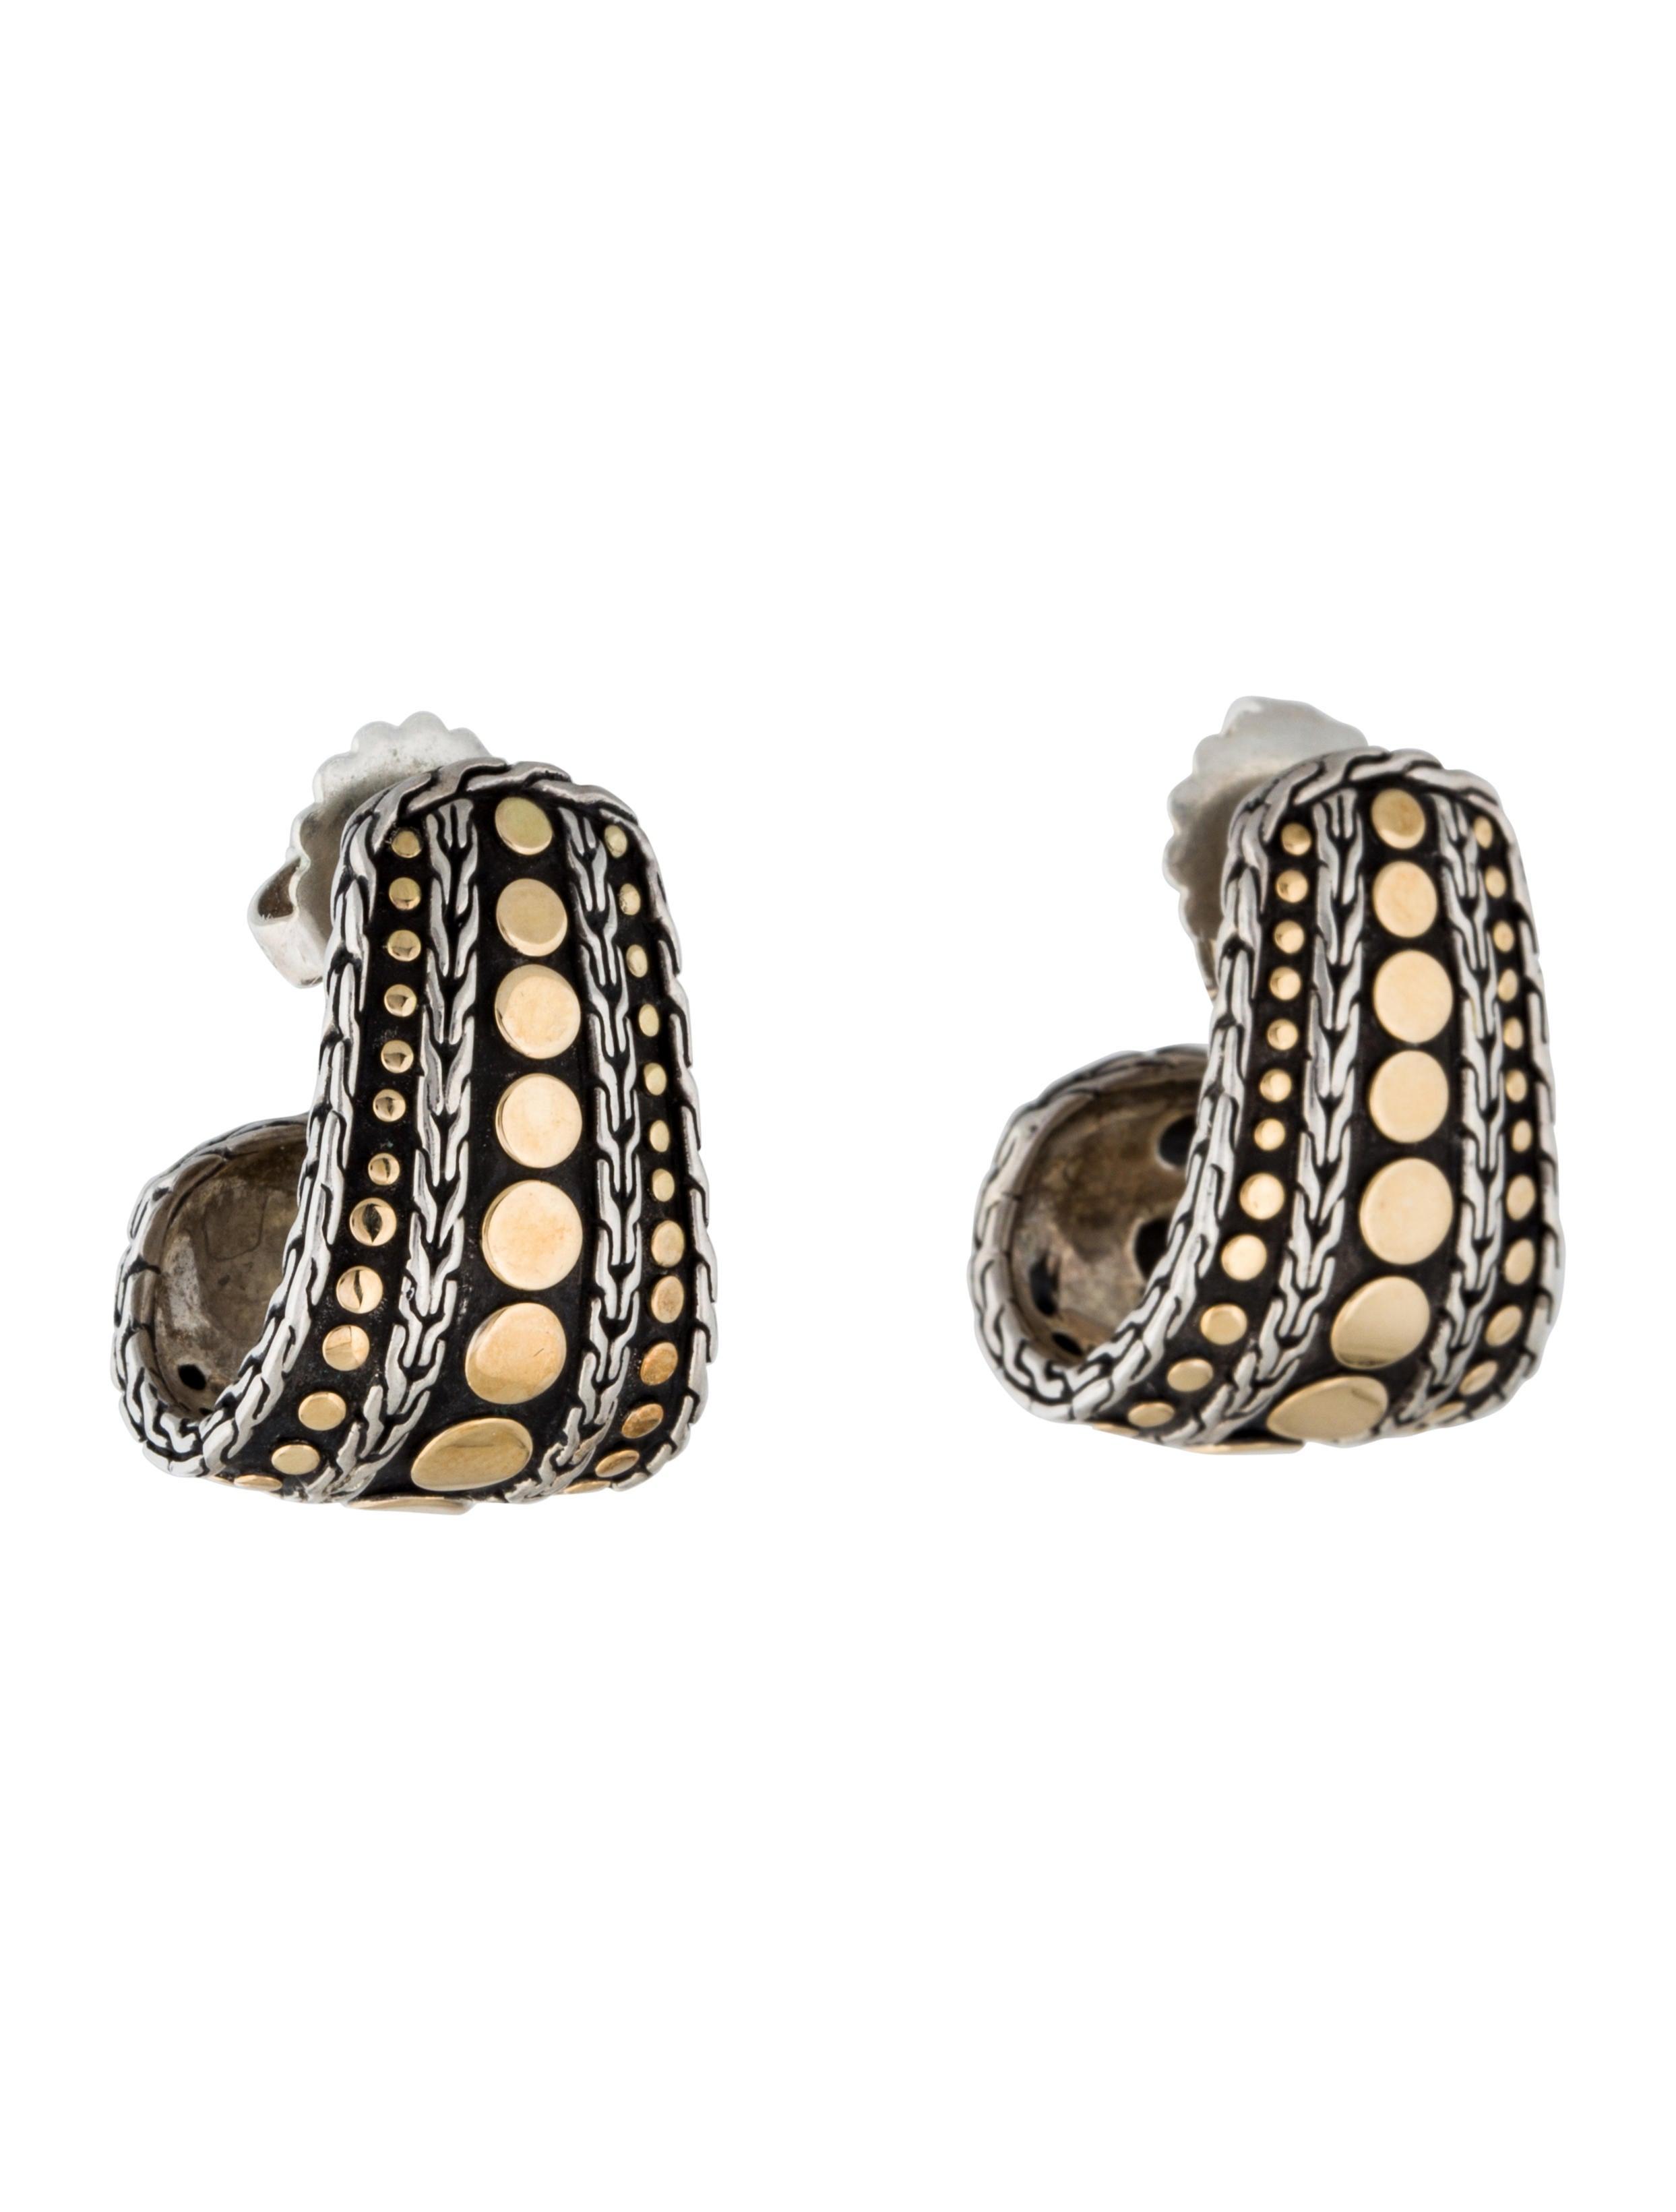 John hardy two tone dot earrings earrings jha24232 for John hardy jewelry earrings